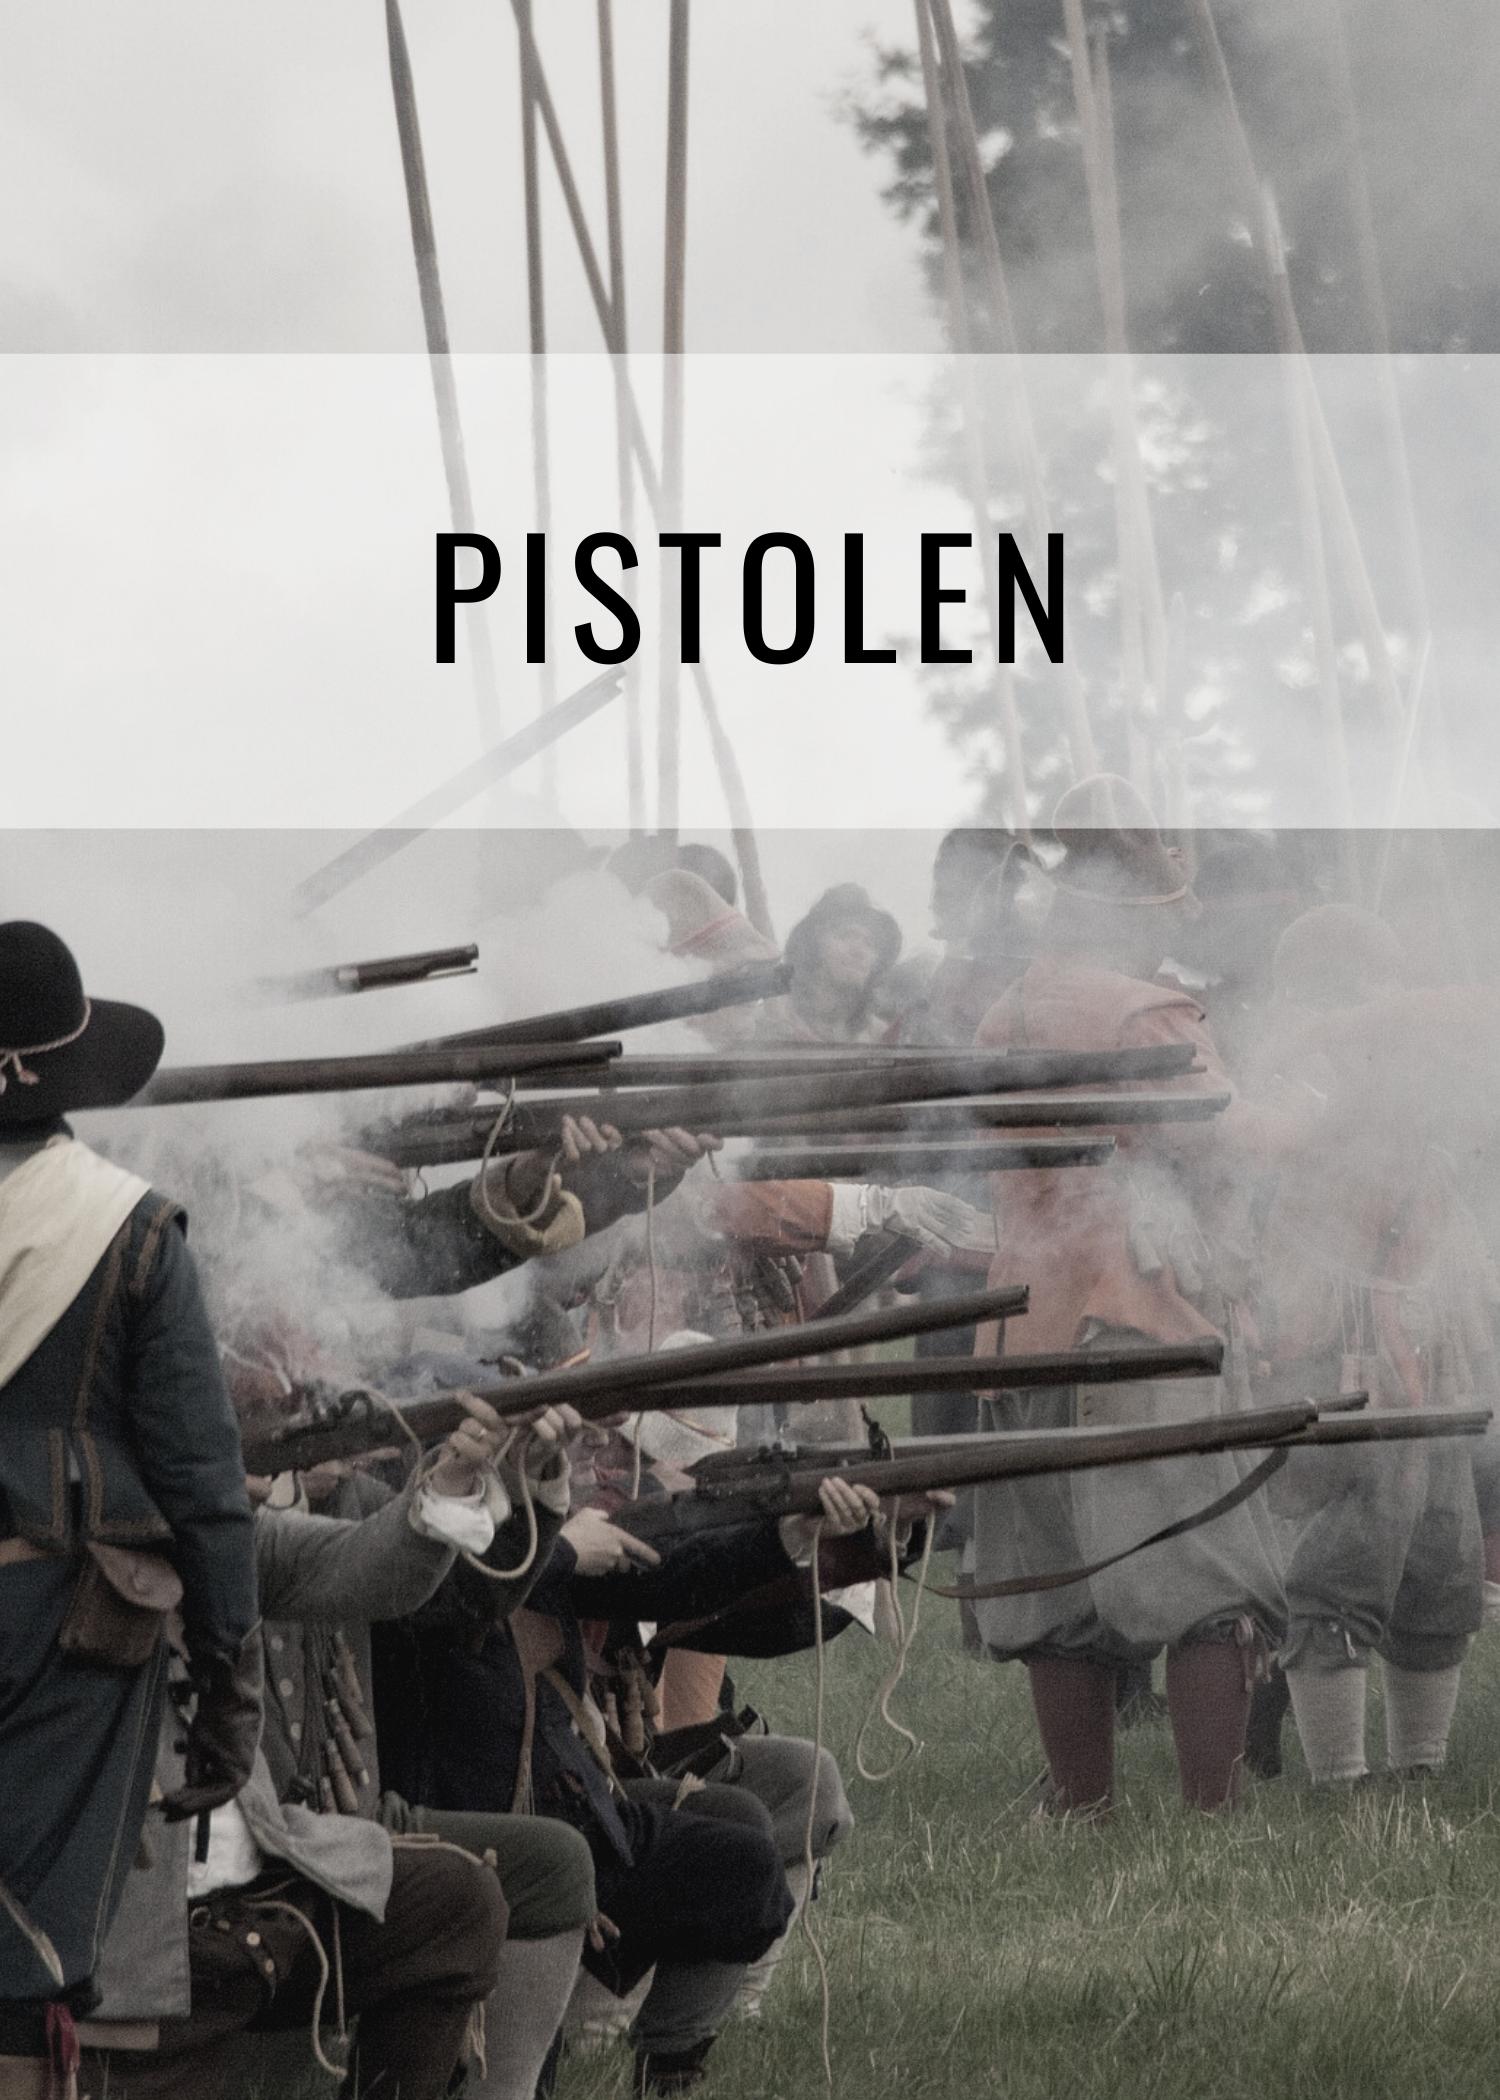 Historische Pistolen für Reenactment, Cosplay und LARP